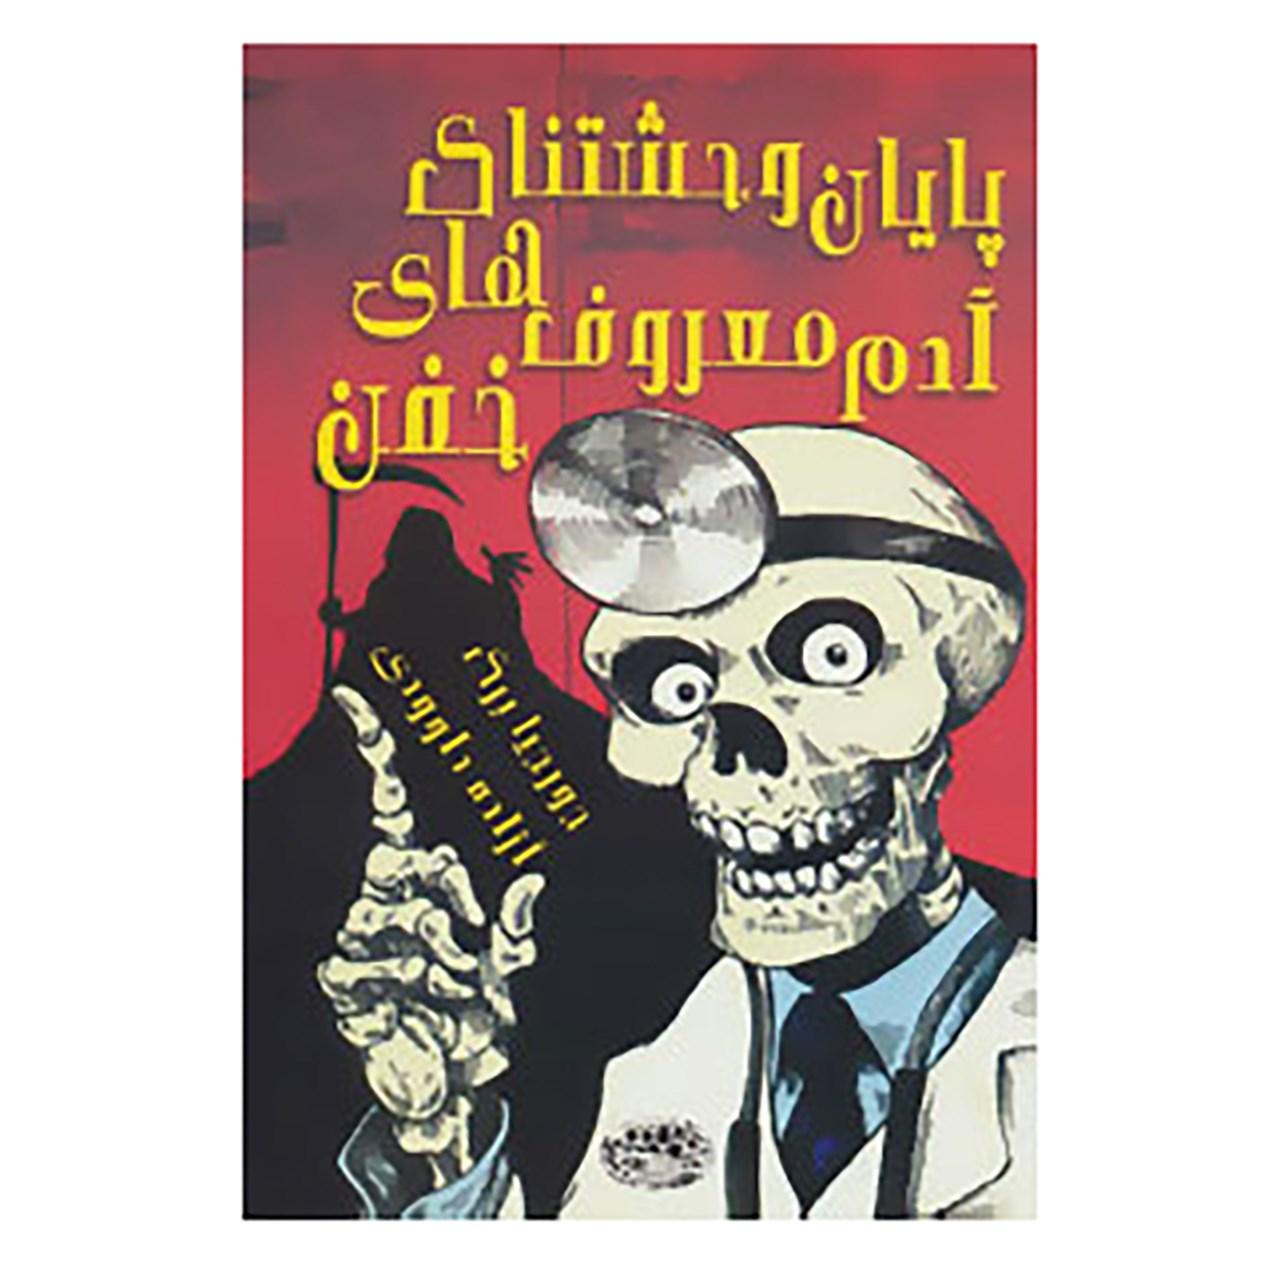 کتاب پایان وحشتناک آدم معروف های خفن اثر جورجیا برگ